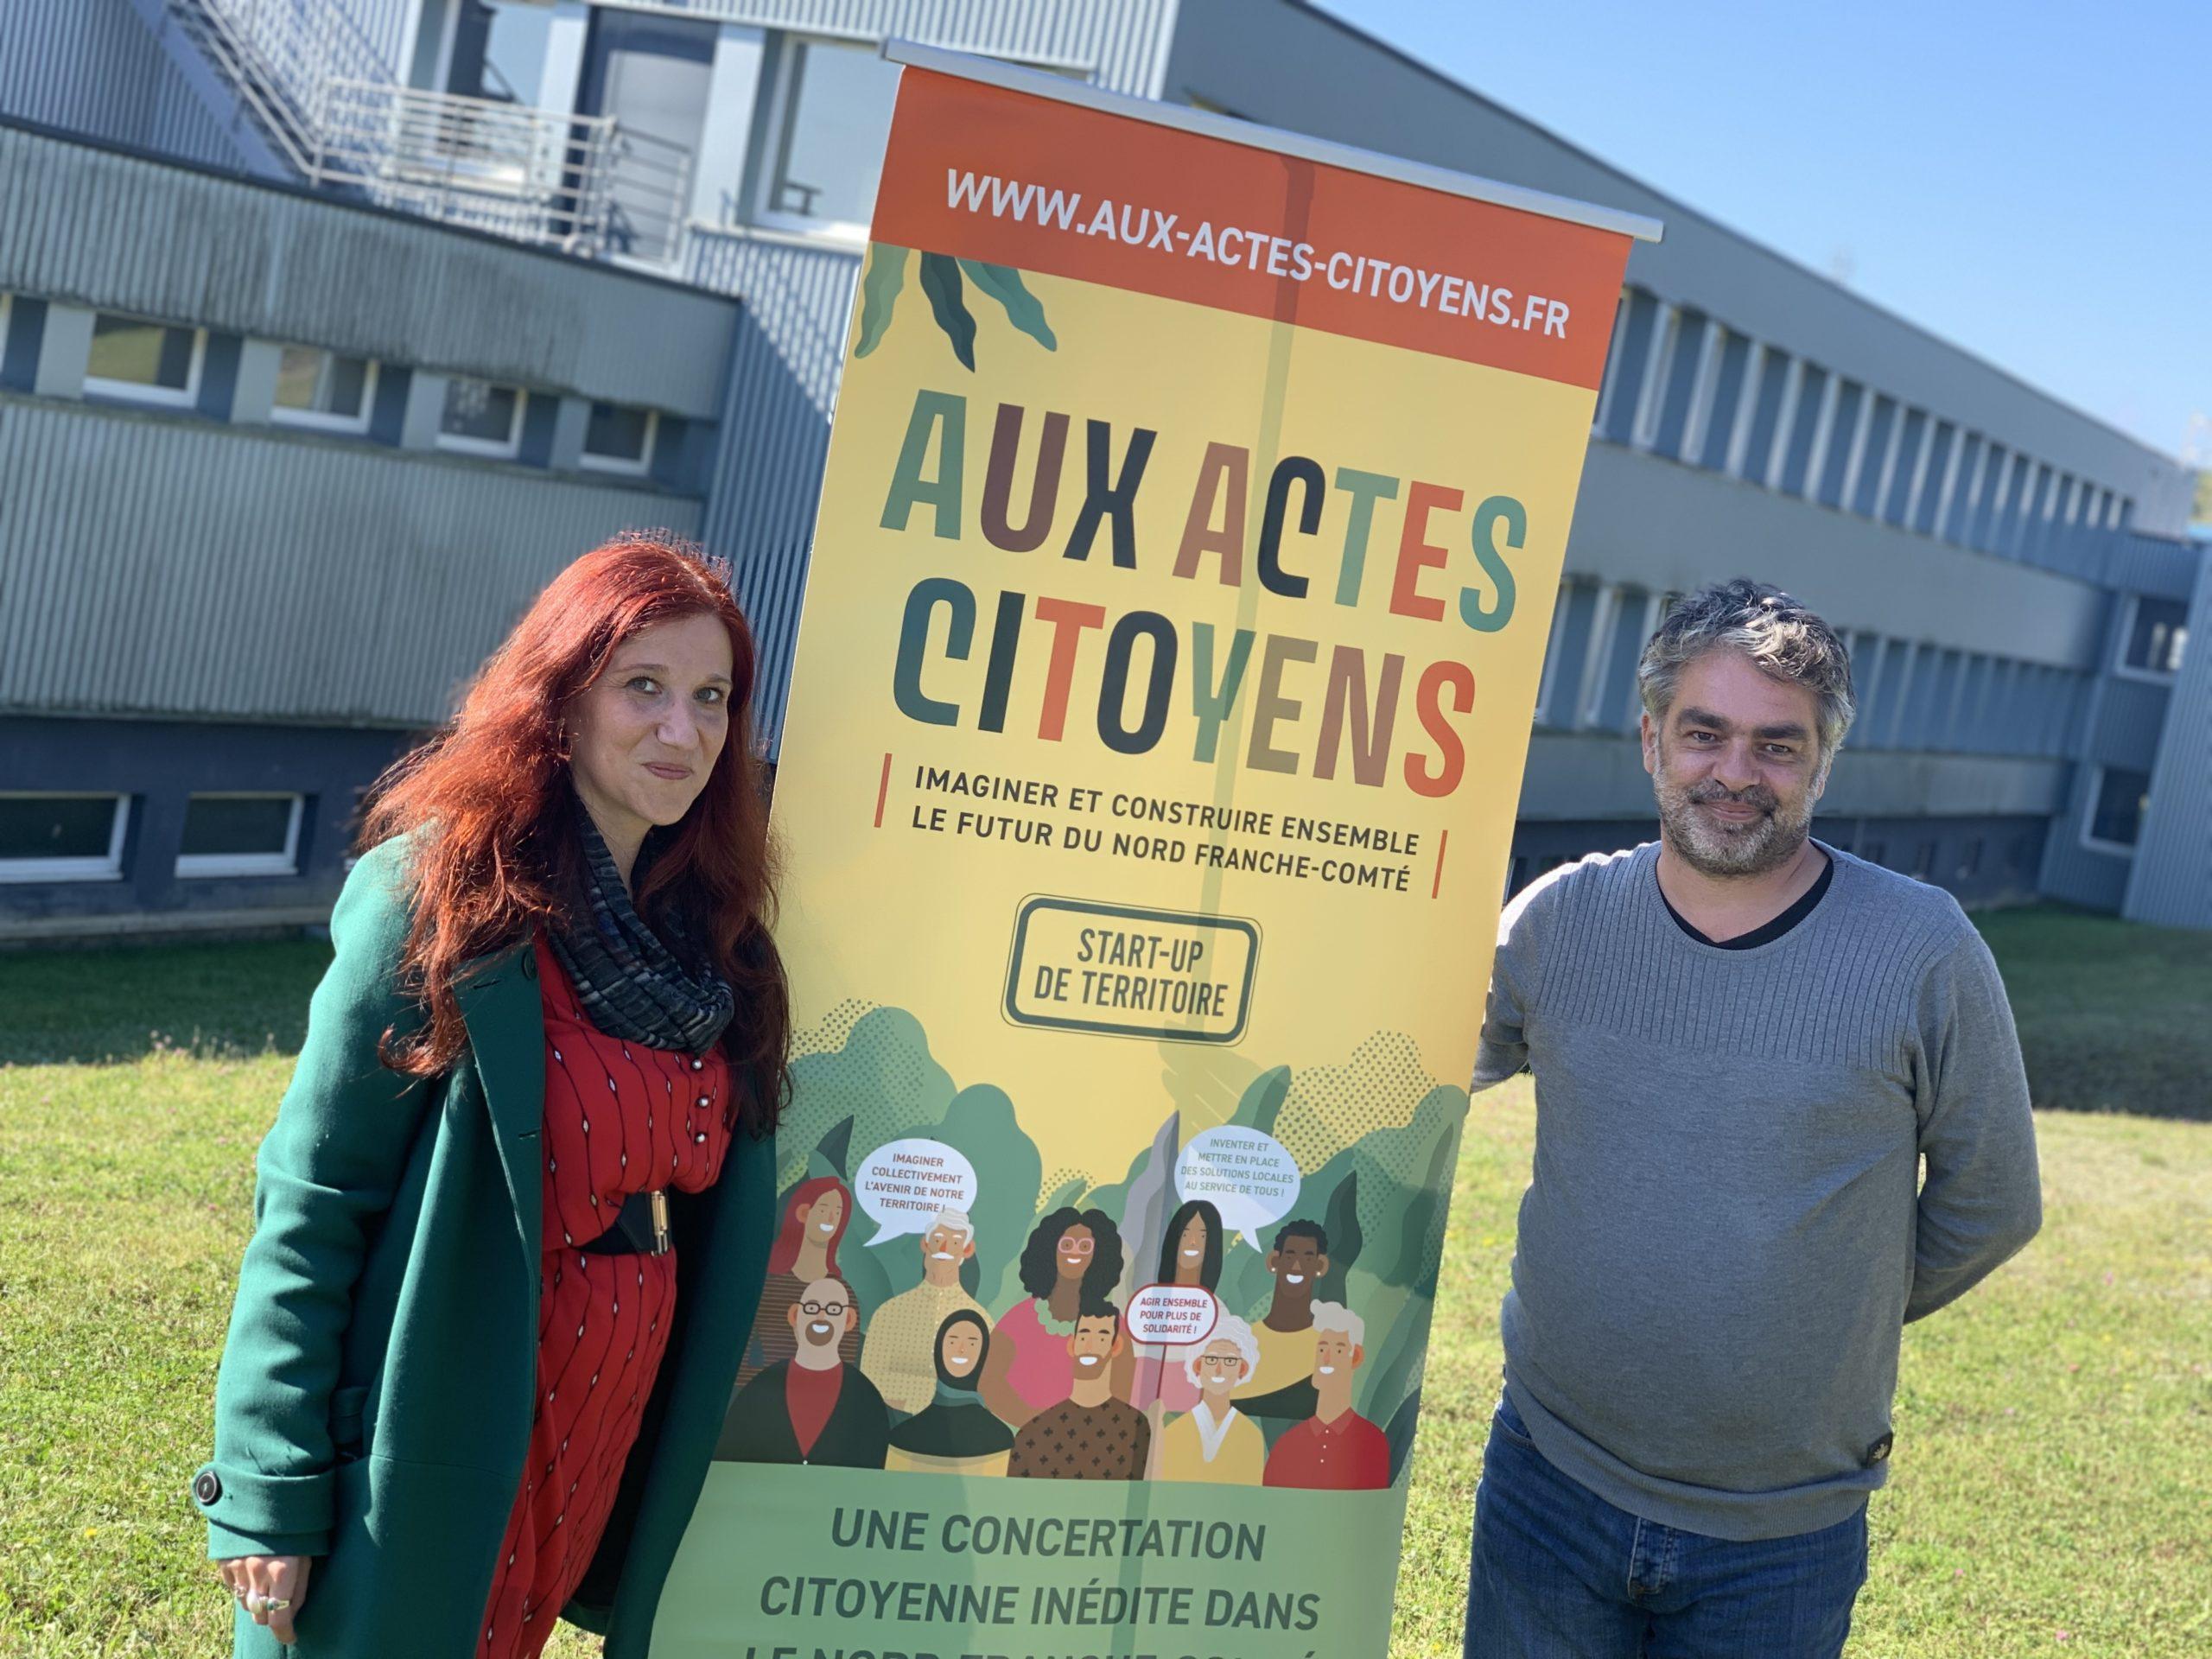 Aux actes citoyens (TQ)